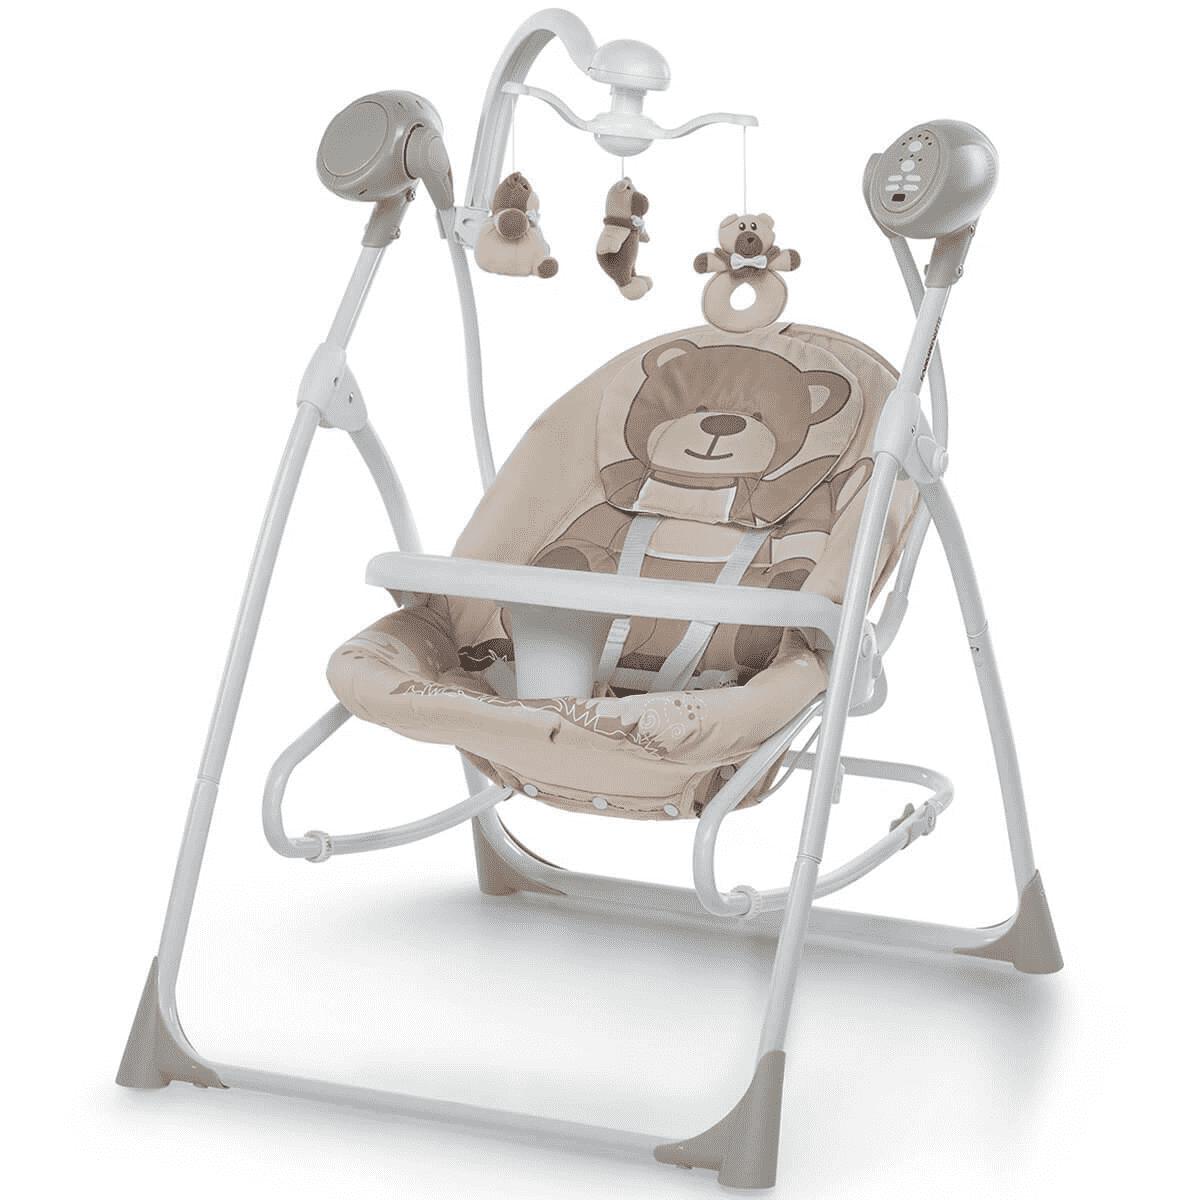 Foppapedretti Sdraietta/Altalena Carillon Teddy